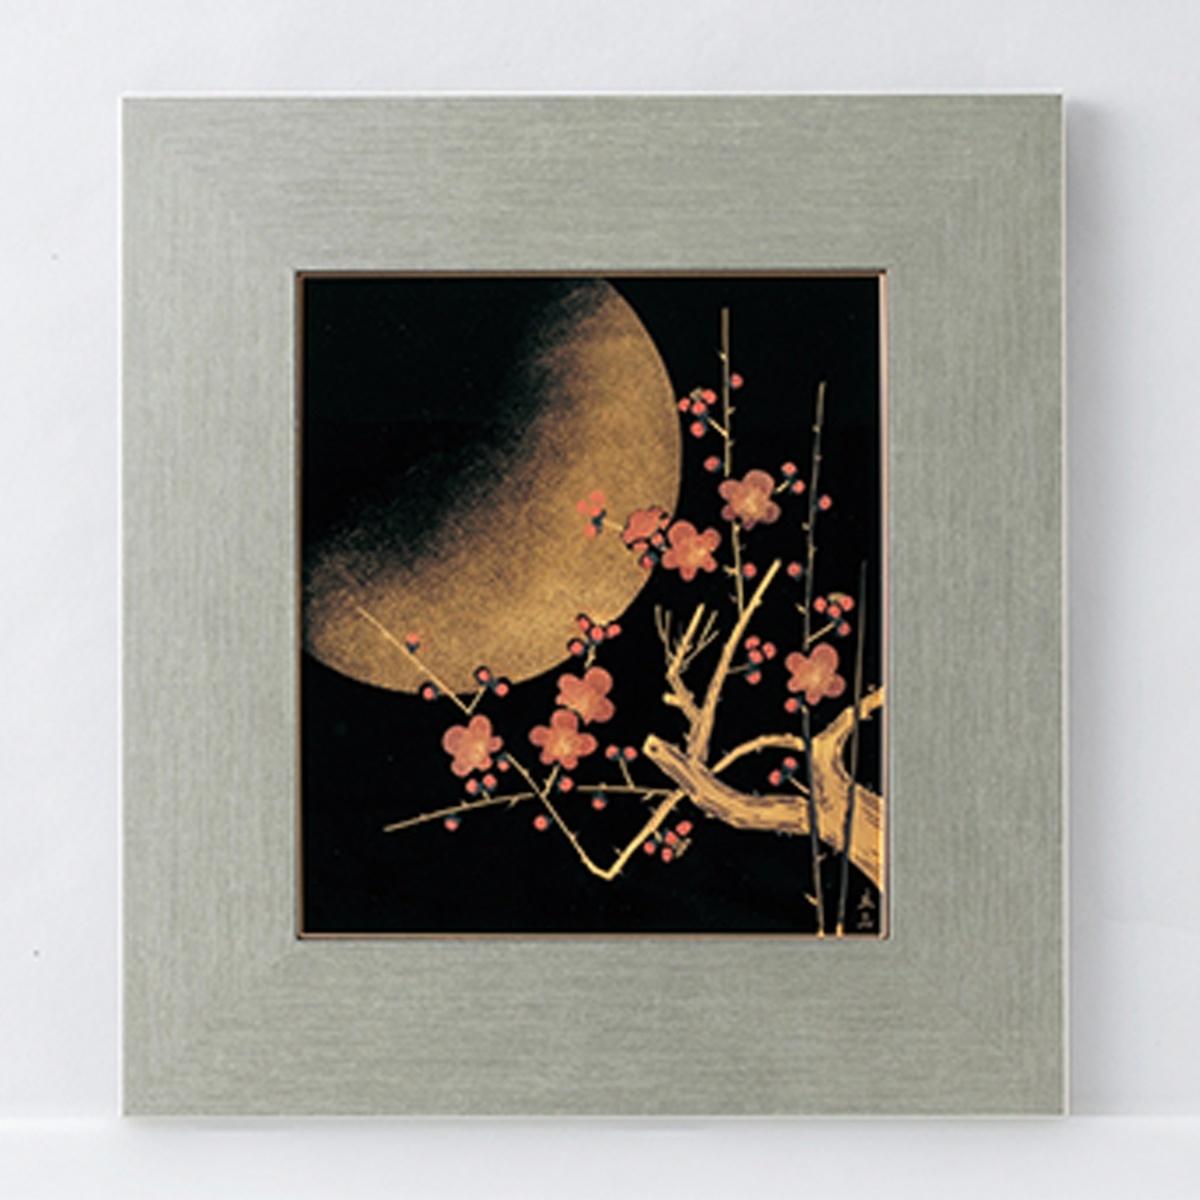 【ポイント 3倍中!更にクーポン】梅月パネル宮内庁御用達 パネル 日本製 来客 艶 上品 記念品 漆器 高級 おすすめ おもてなし ギフト 海外 ノベルティ インテリア 壁掛け 置物 法人ギフト 設立記念